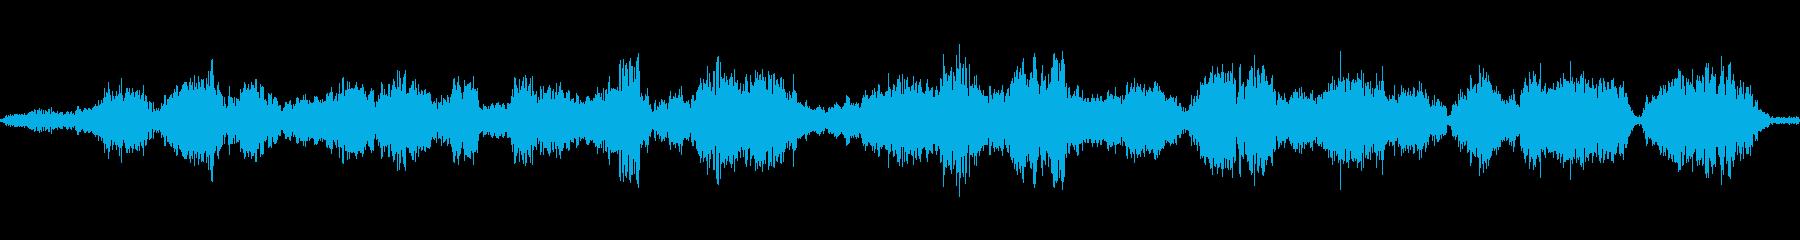 モンスターうめき声の再生済みの波形